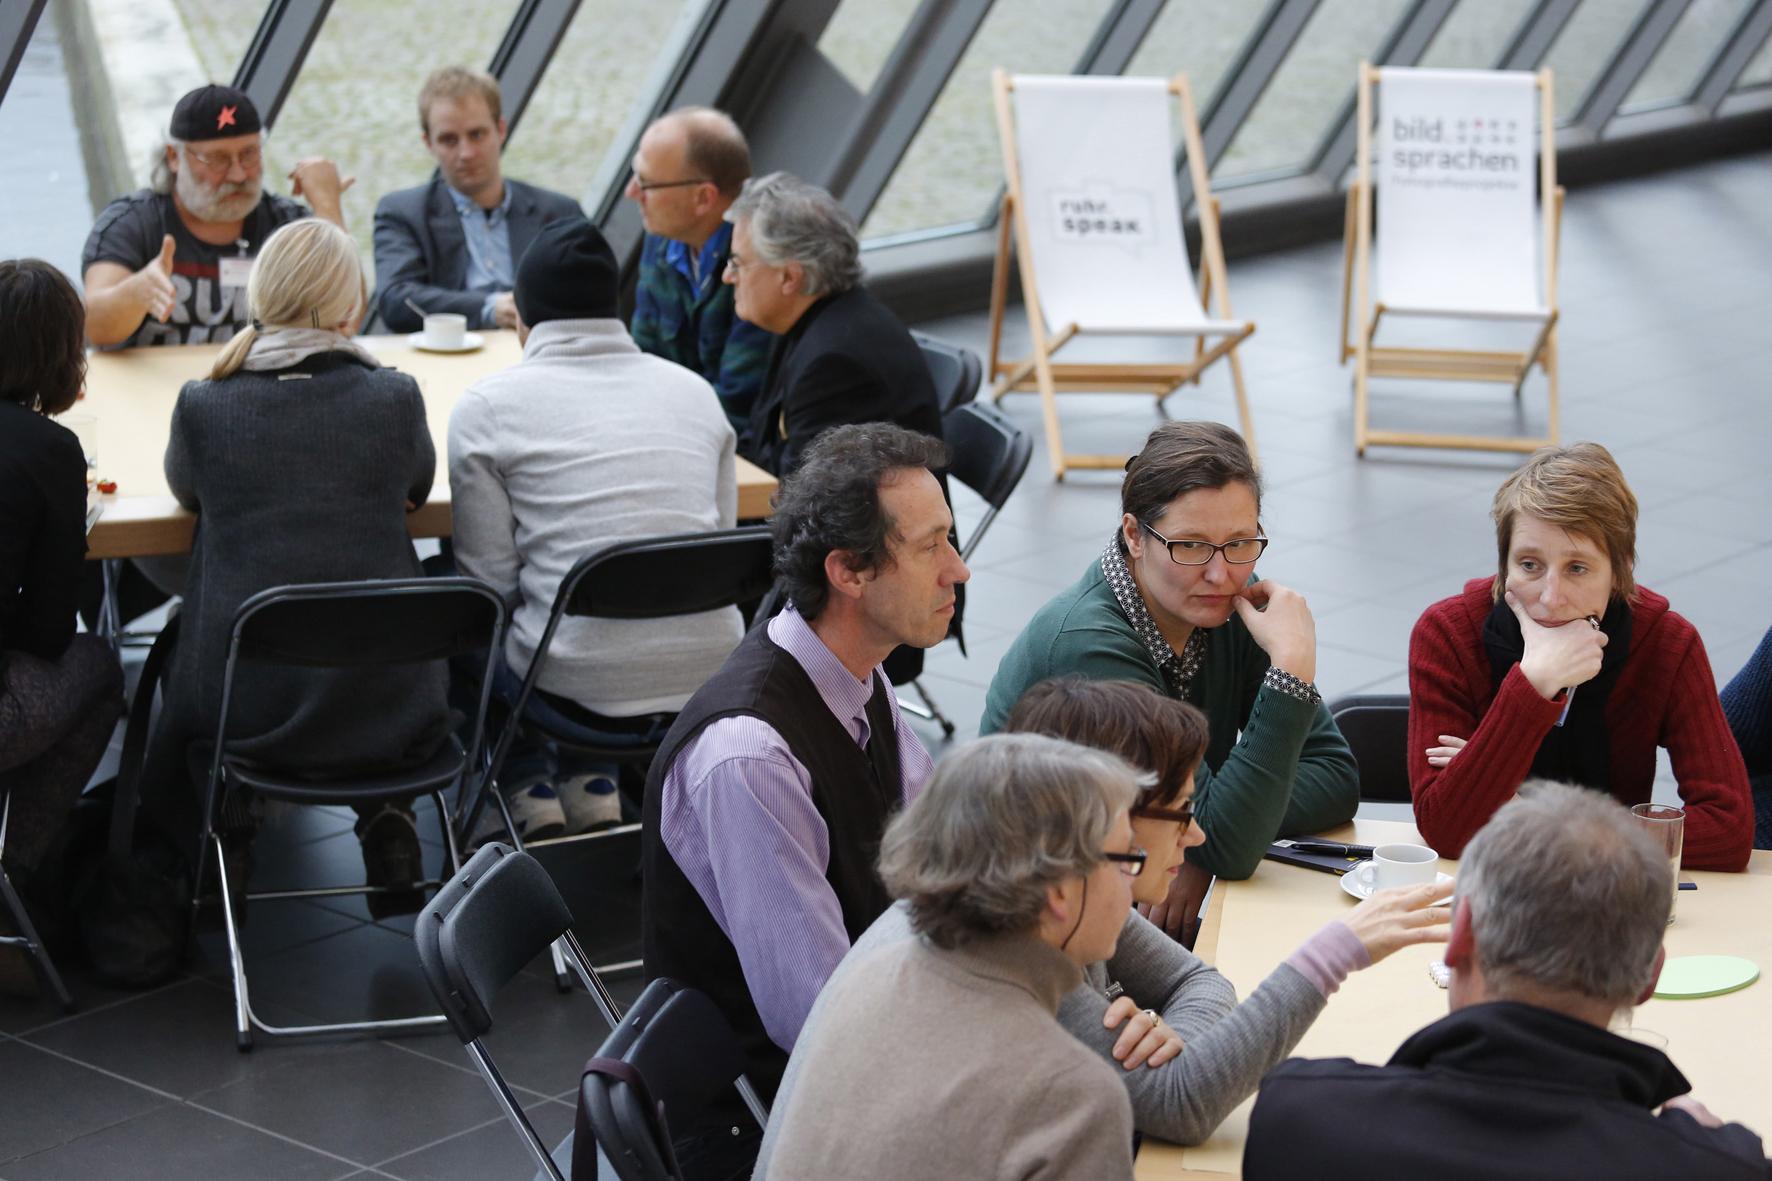 Bildsprachen-Konferenz im Wissenschaftspark.